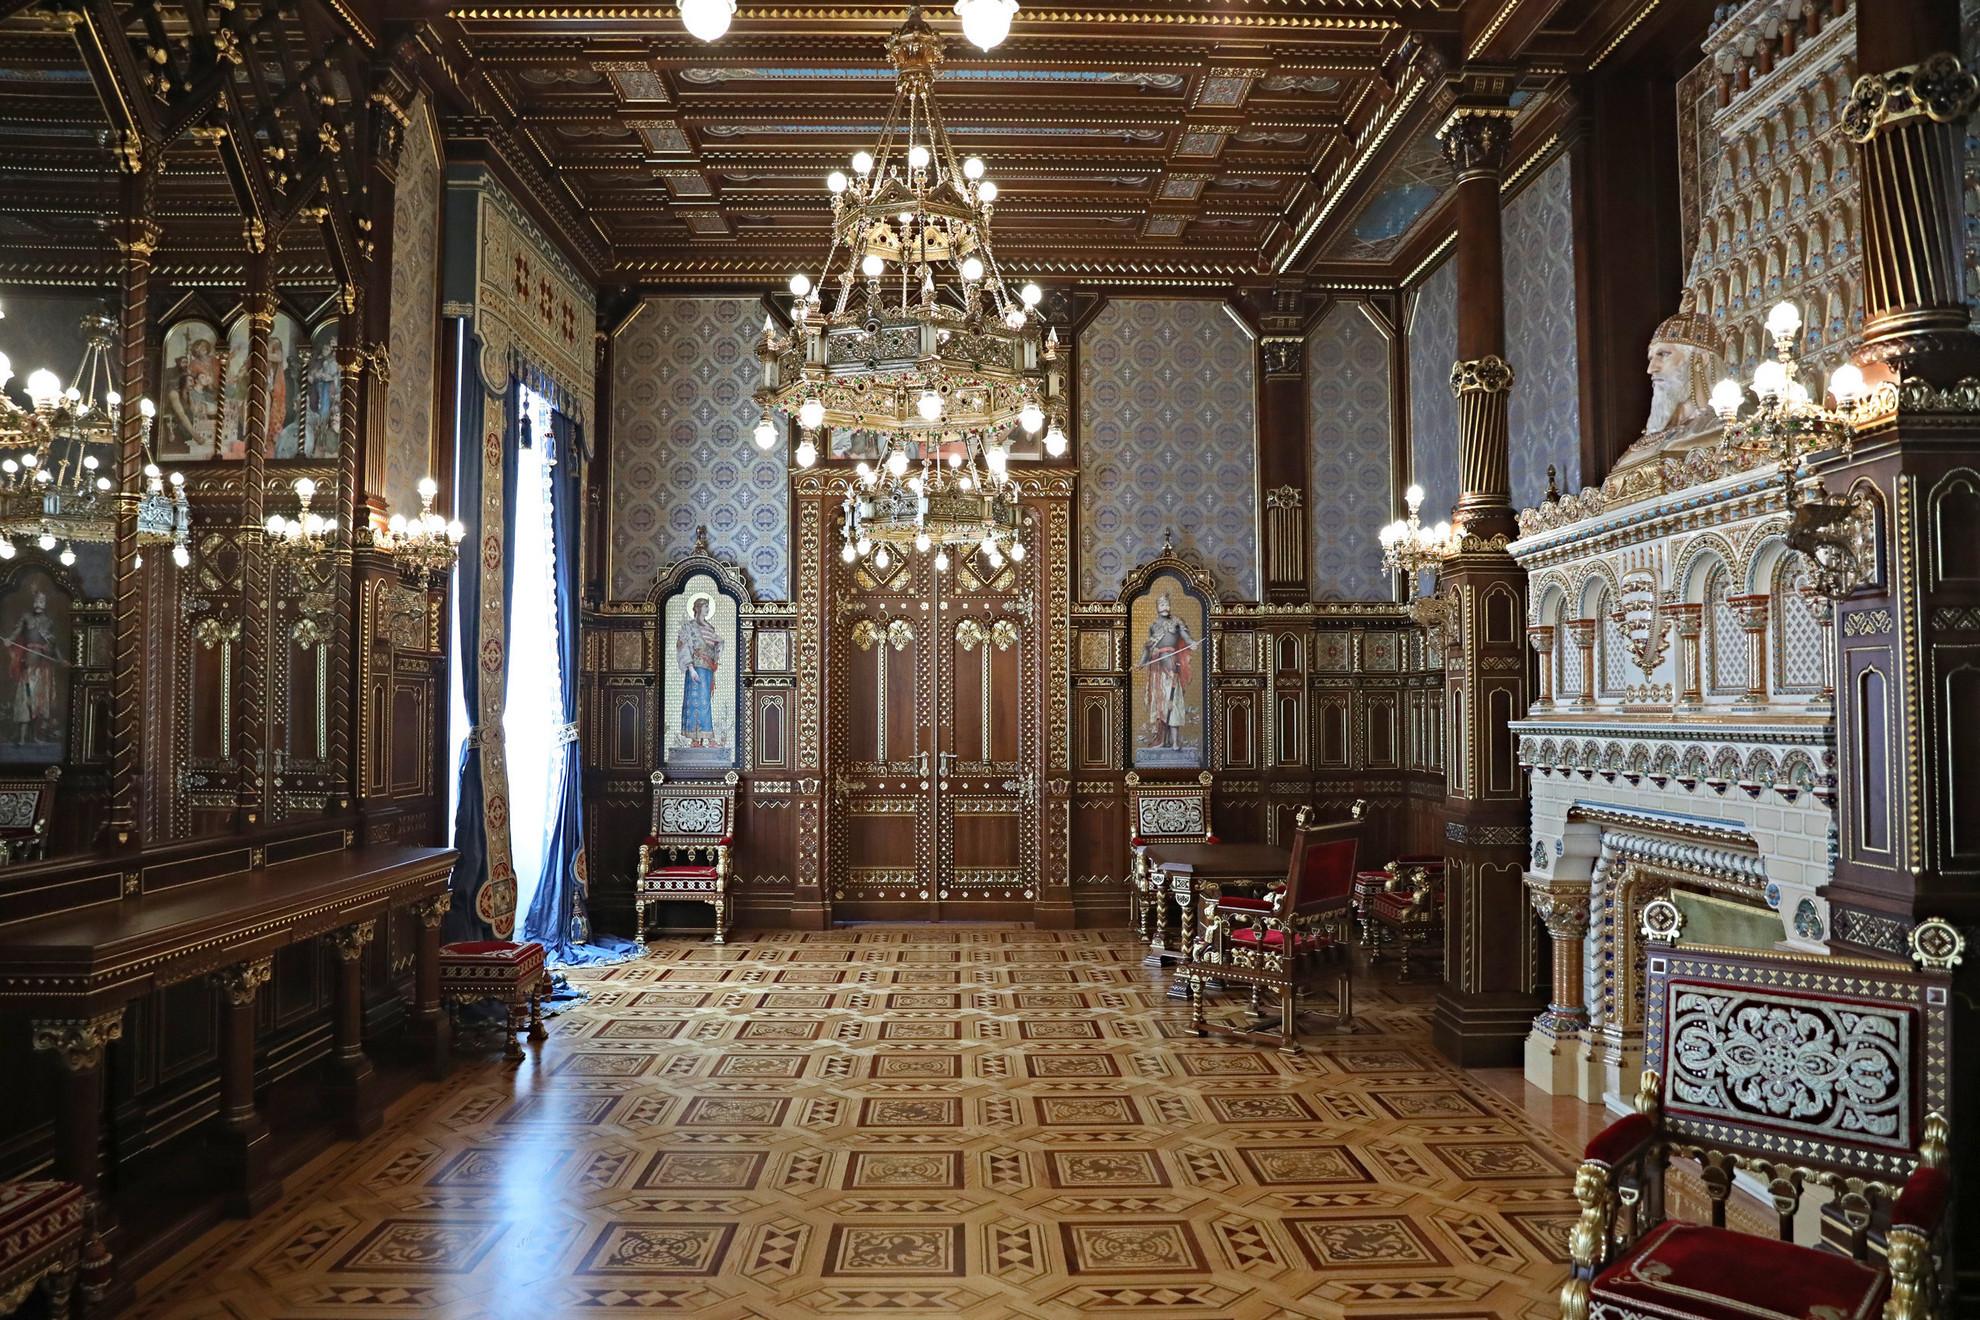 A Szent István-terem leginkább meghatározó anyaga a fa, amely a padlót, a mennyezetet és a falakat borítja